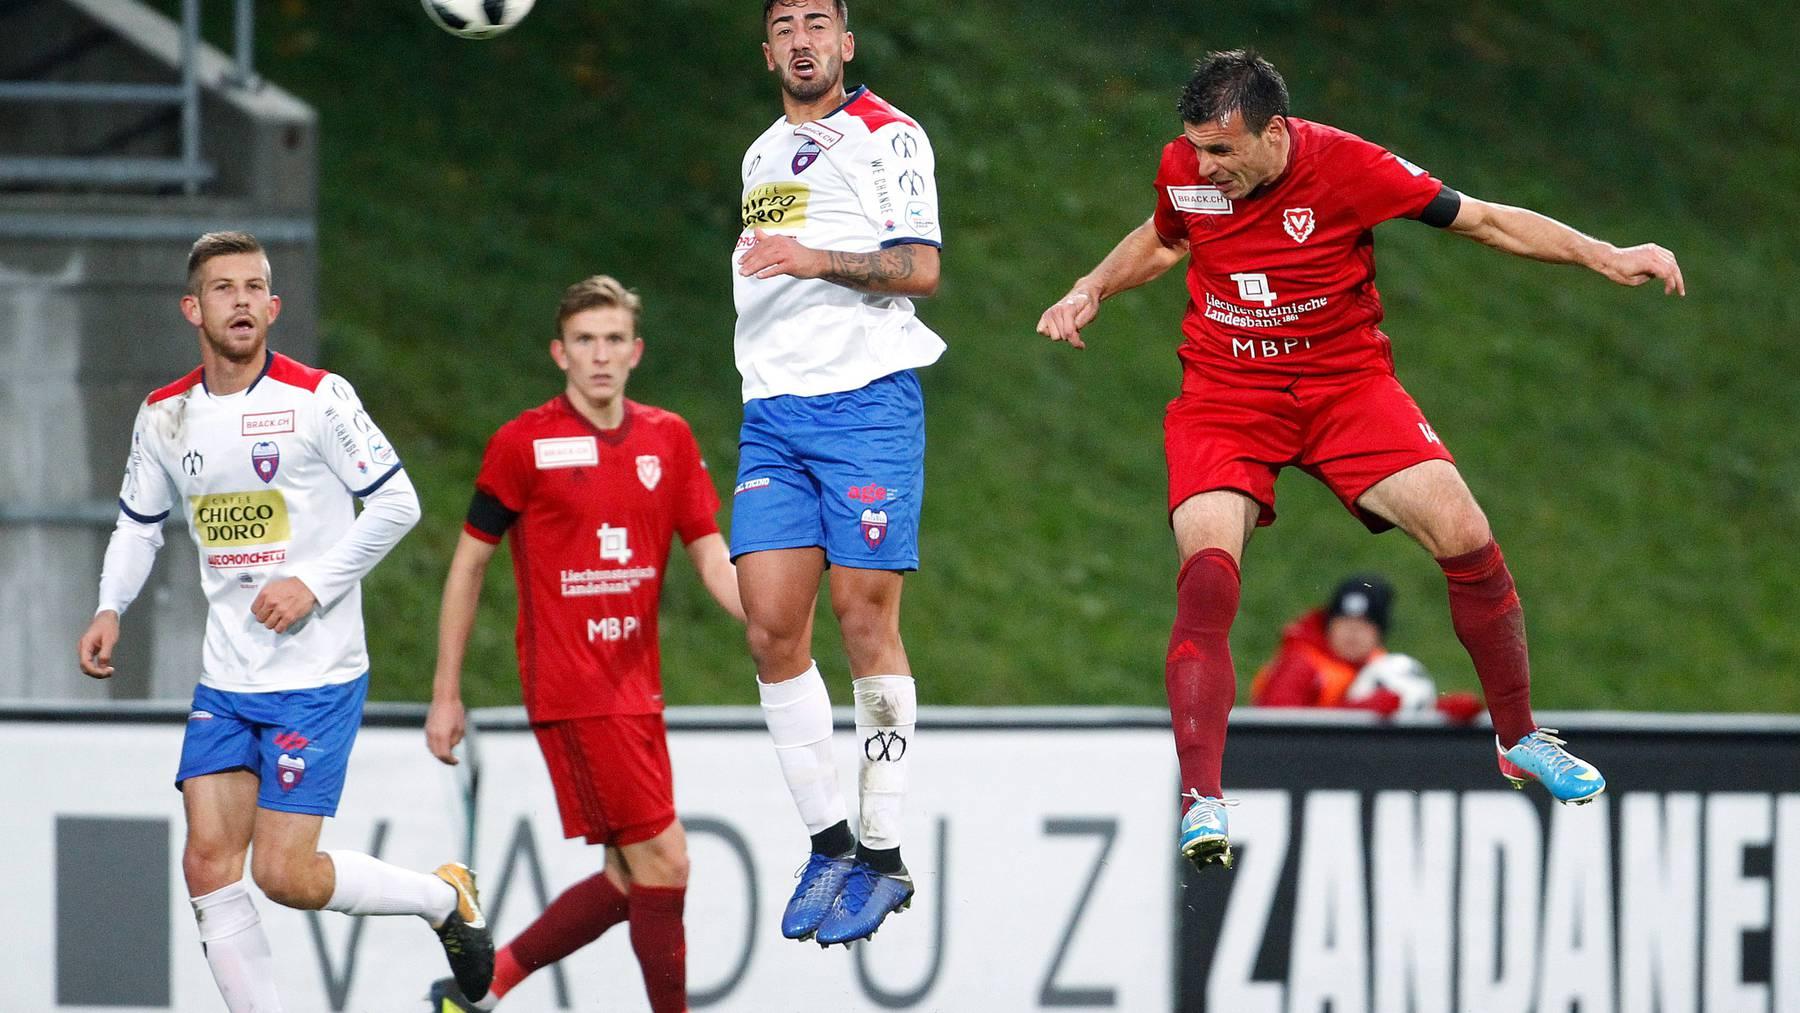 Die Spieler des FC Vaduzs haben am Samstag alles geben. Der Sieg wurde jedoch von zwei Vorfällen überschattet.